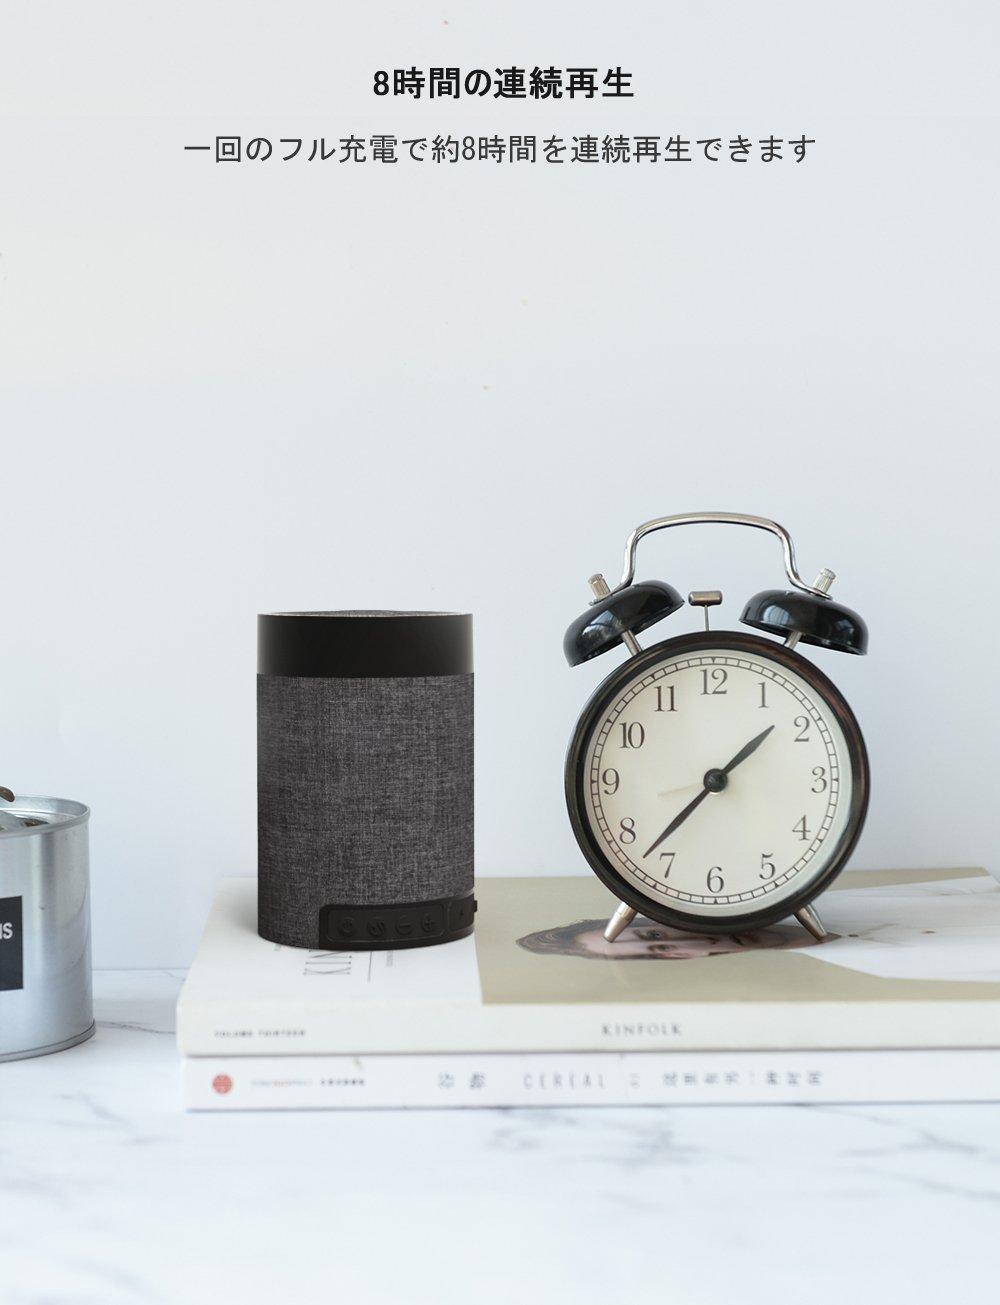 【緊急】アマゾンでAOMAIS Bluetooth スピーカー が送料込み179円。普段は2179円。